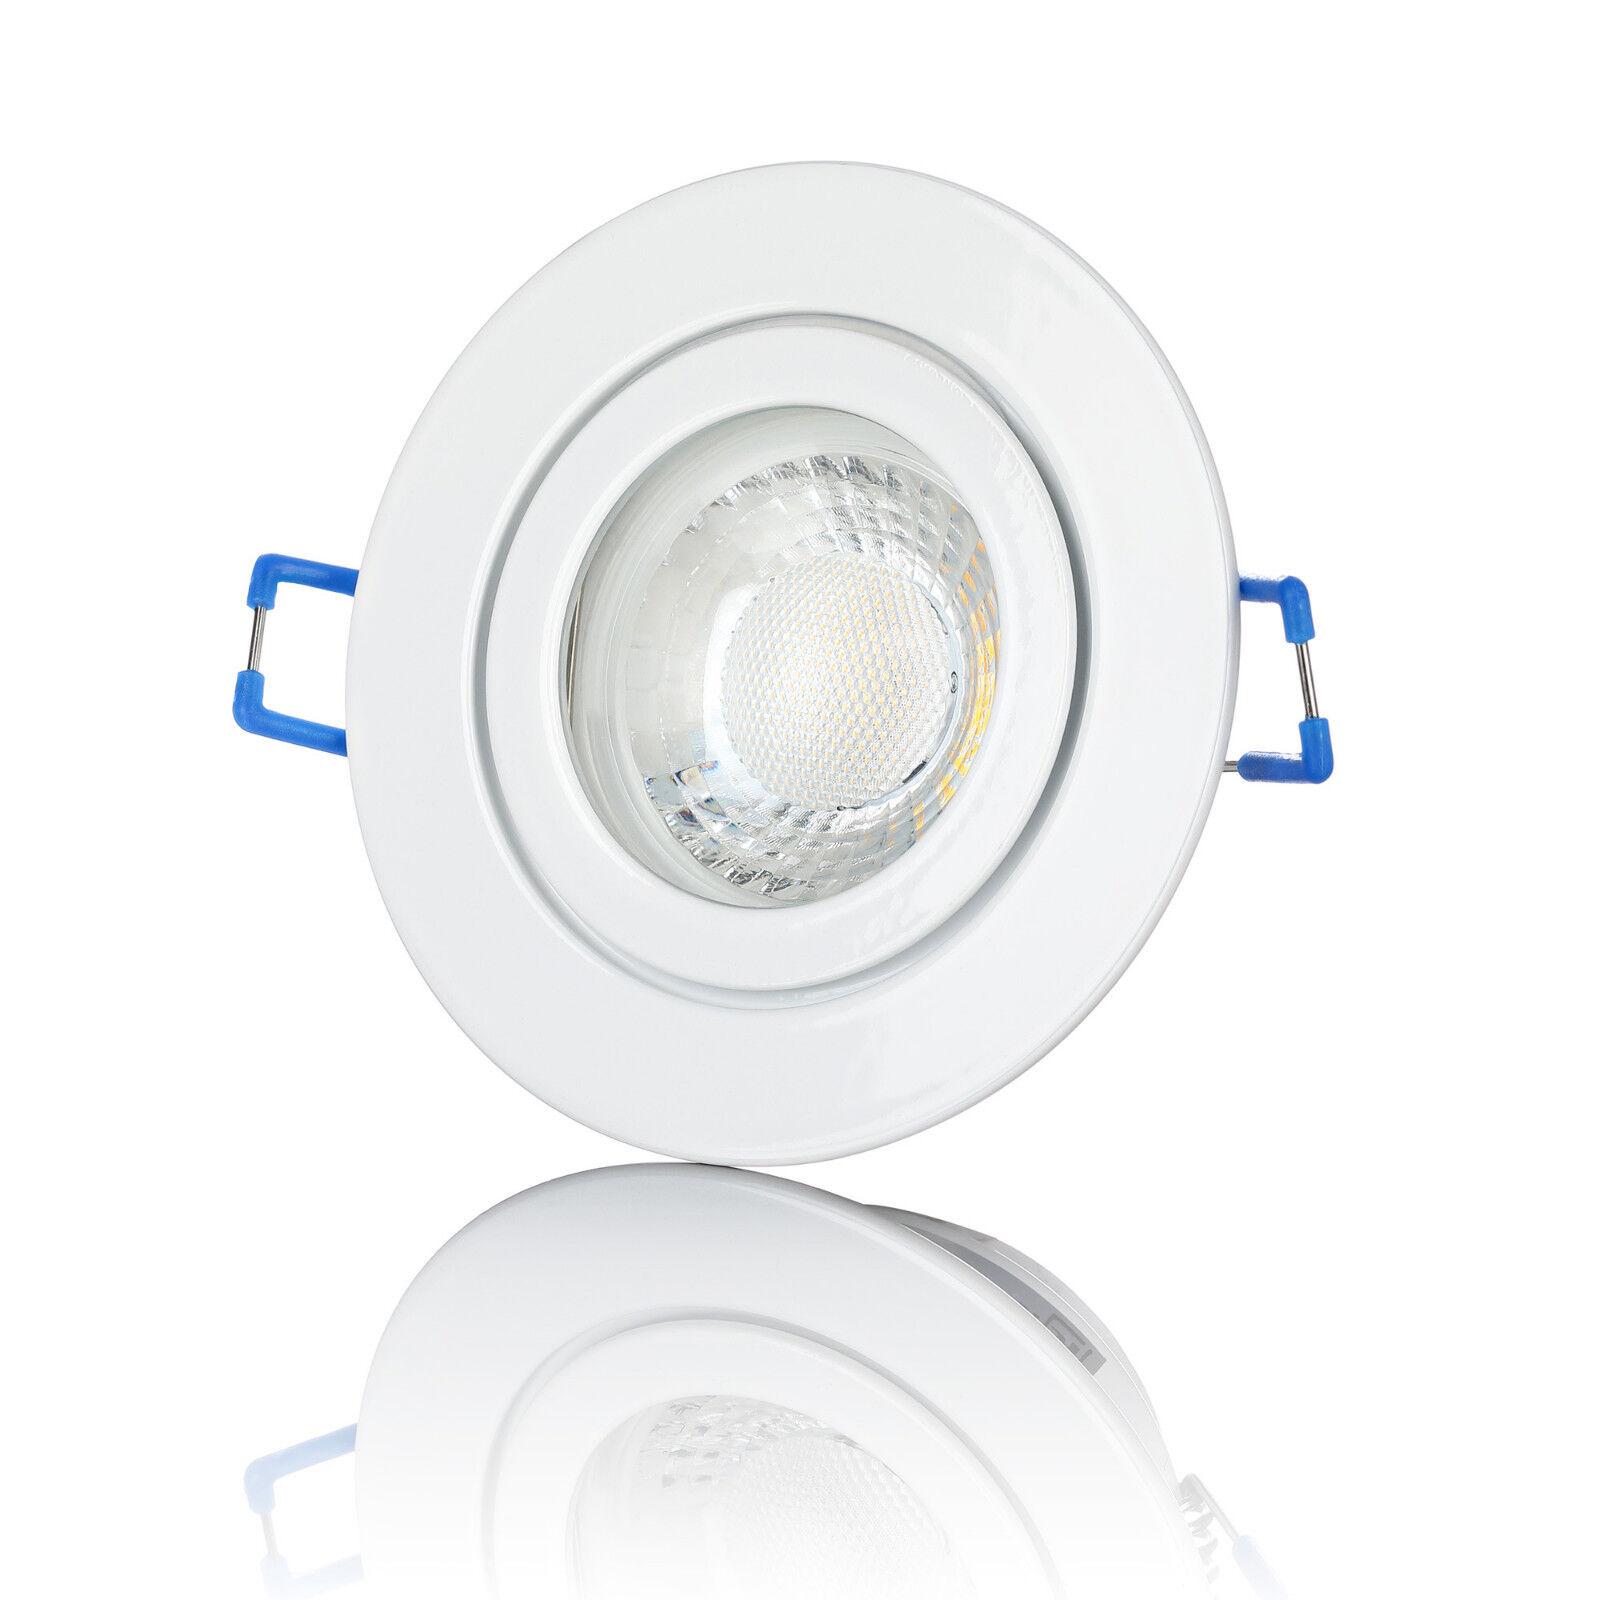 Lampen Leuchten Für Heimwerker Einbauleuchten Lambado Led